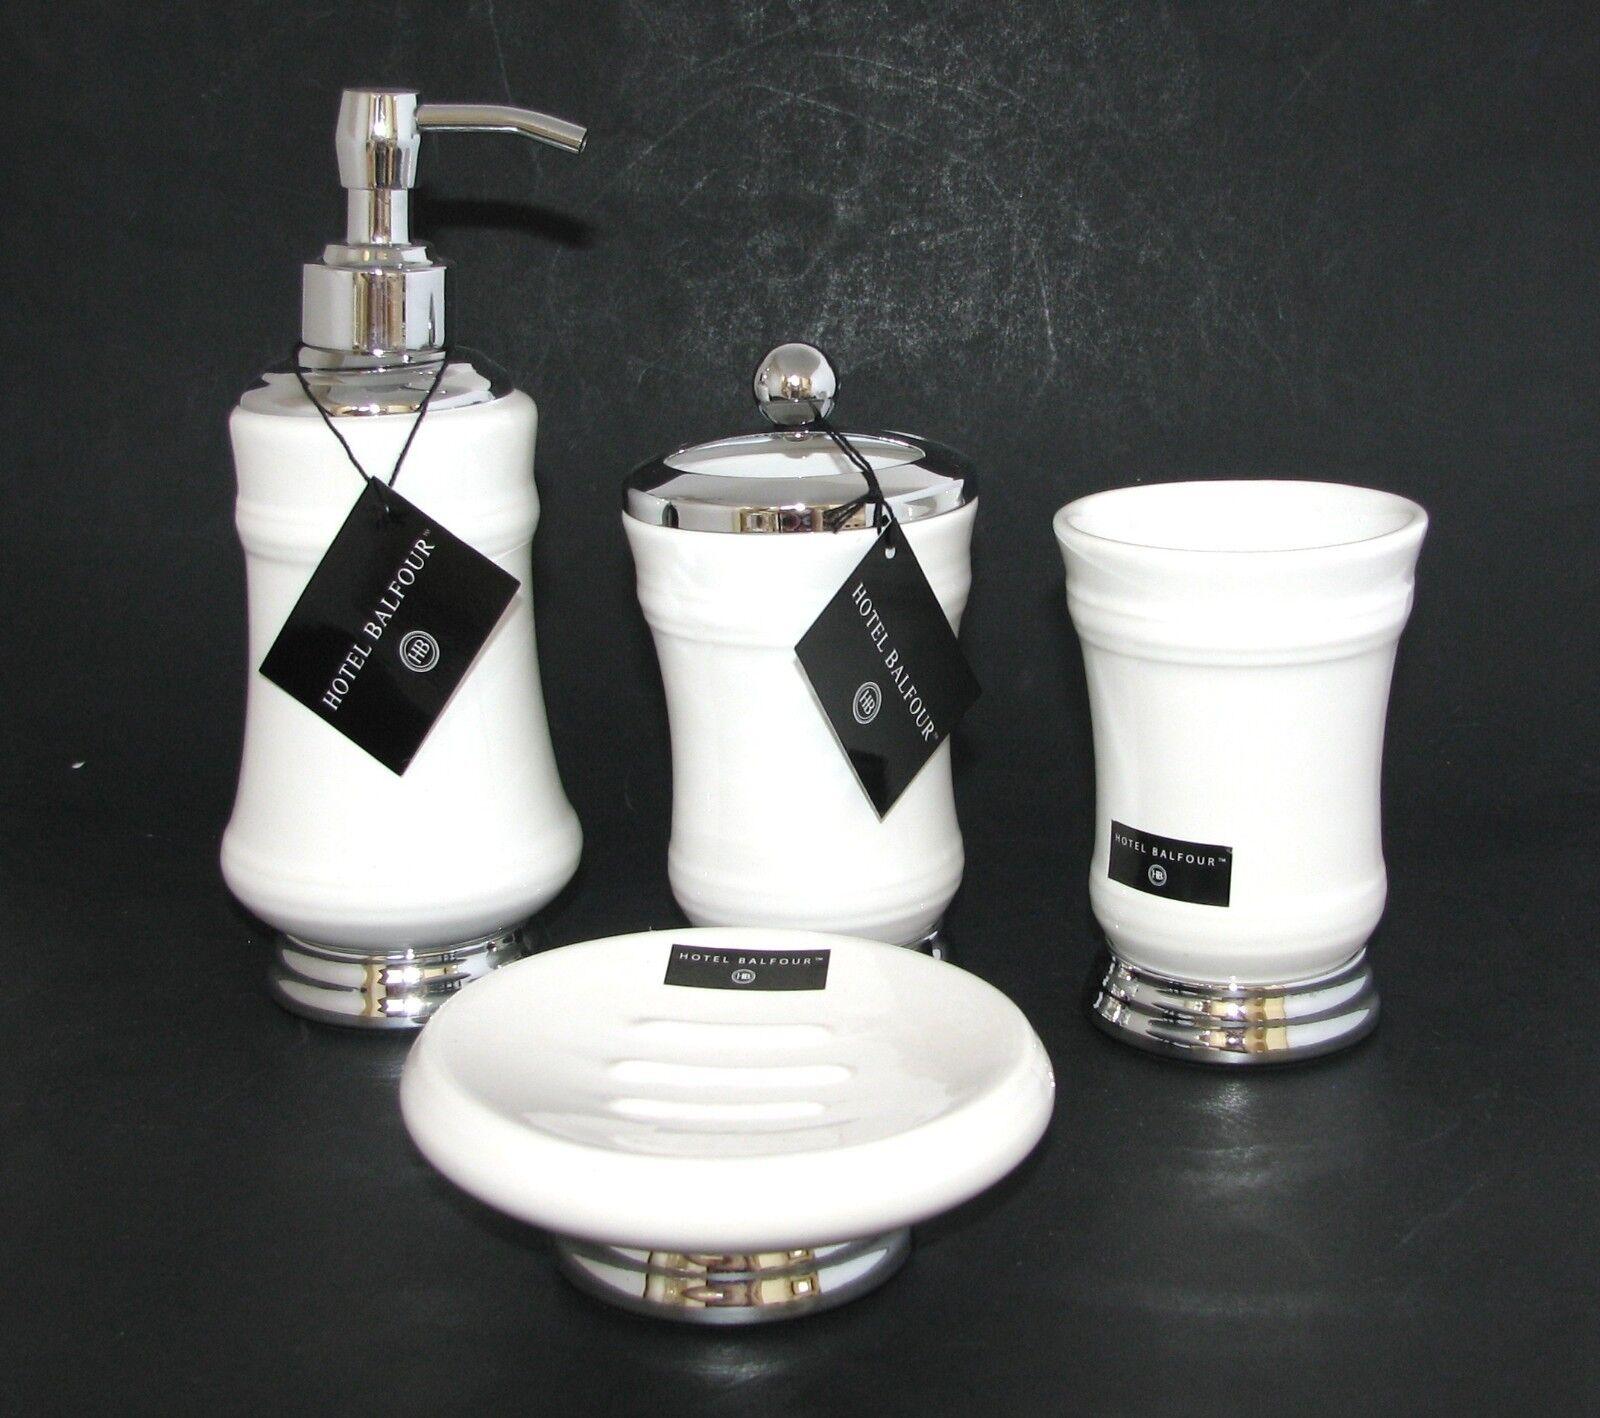 Neu Hotel Balfour 4PC Set Weiße Keramik SeifenspenderSchaleZahnbürsteBecher   Wirtschaft